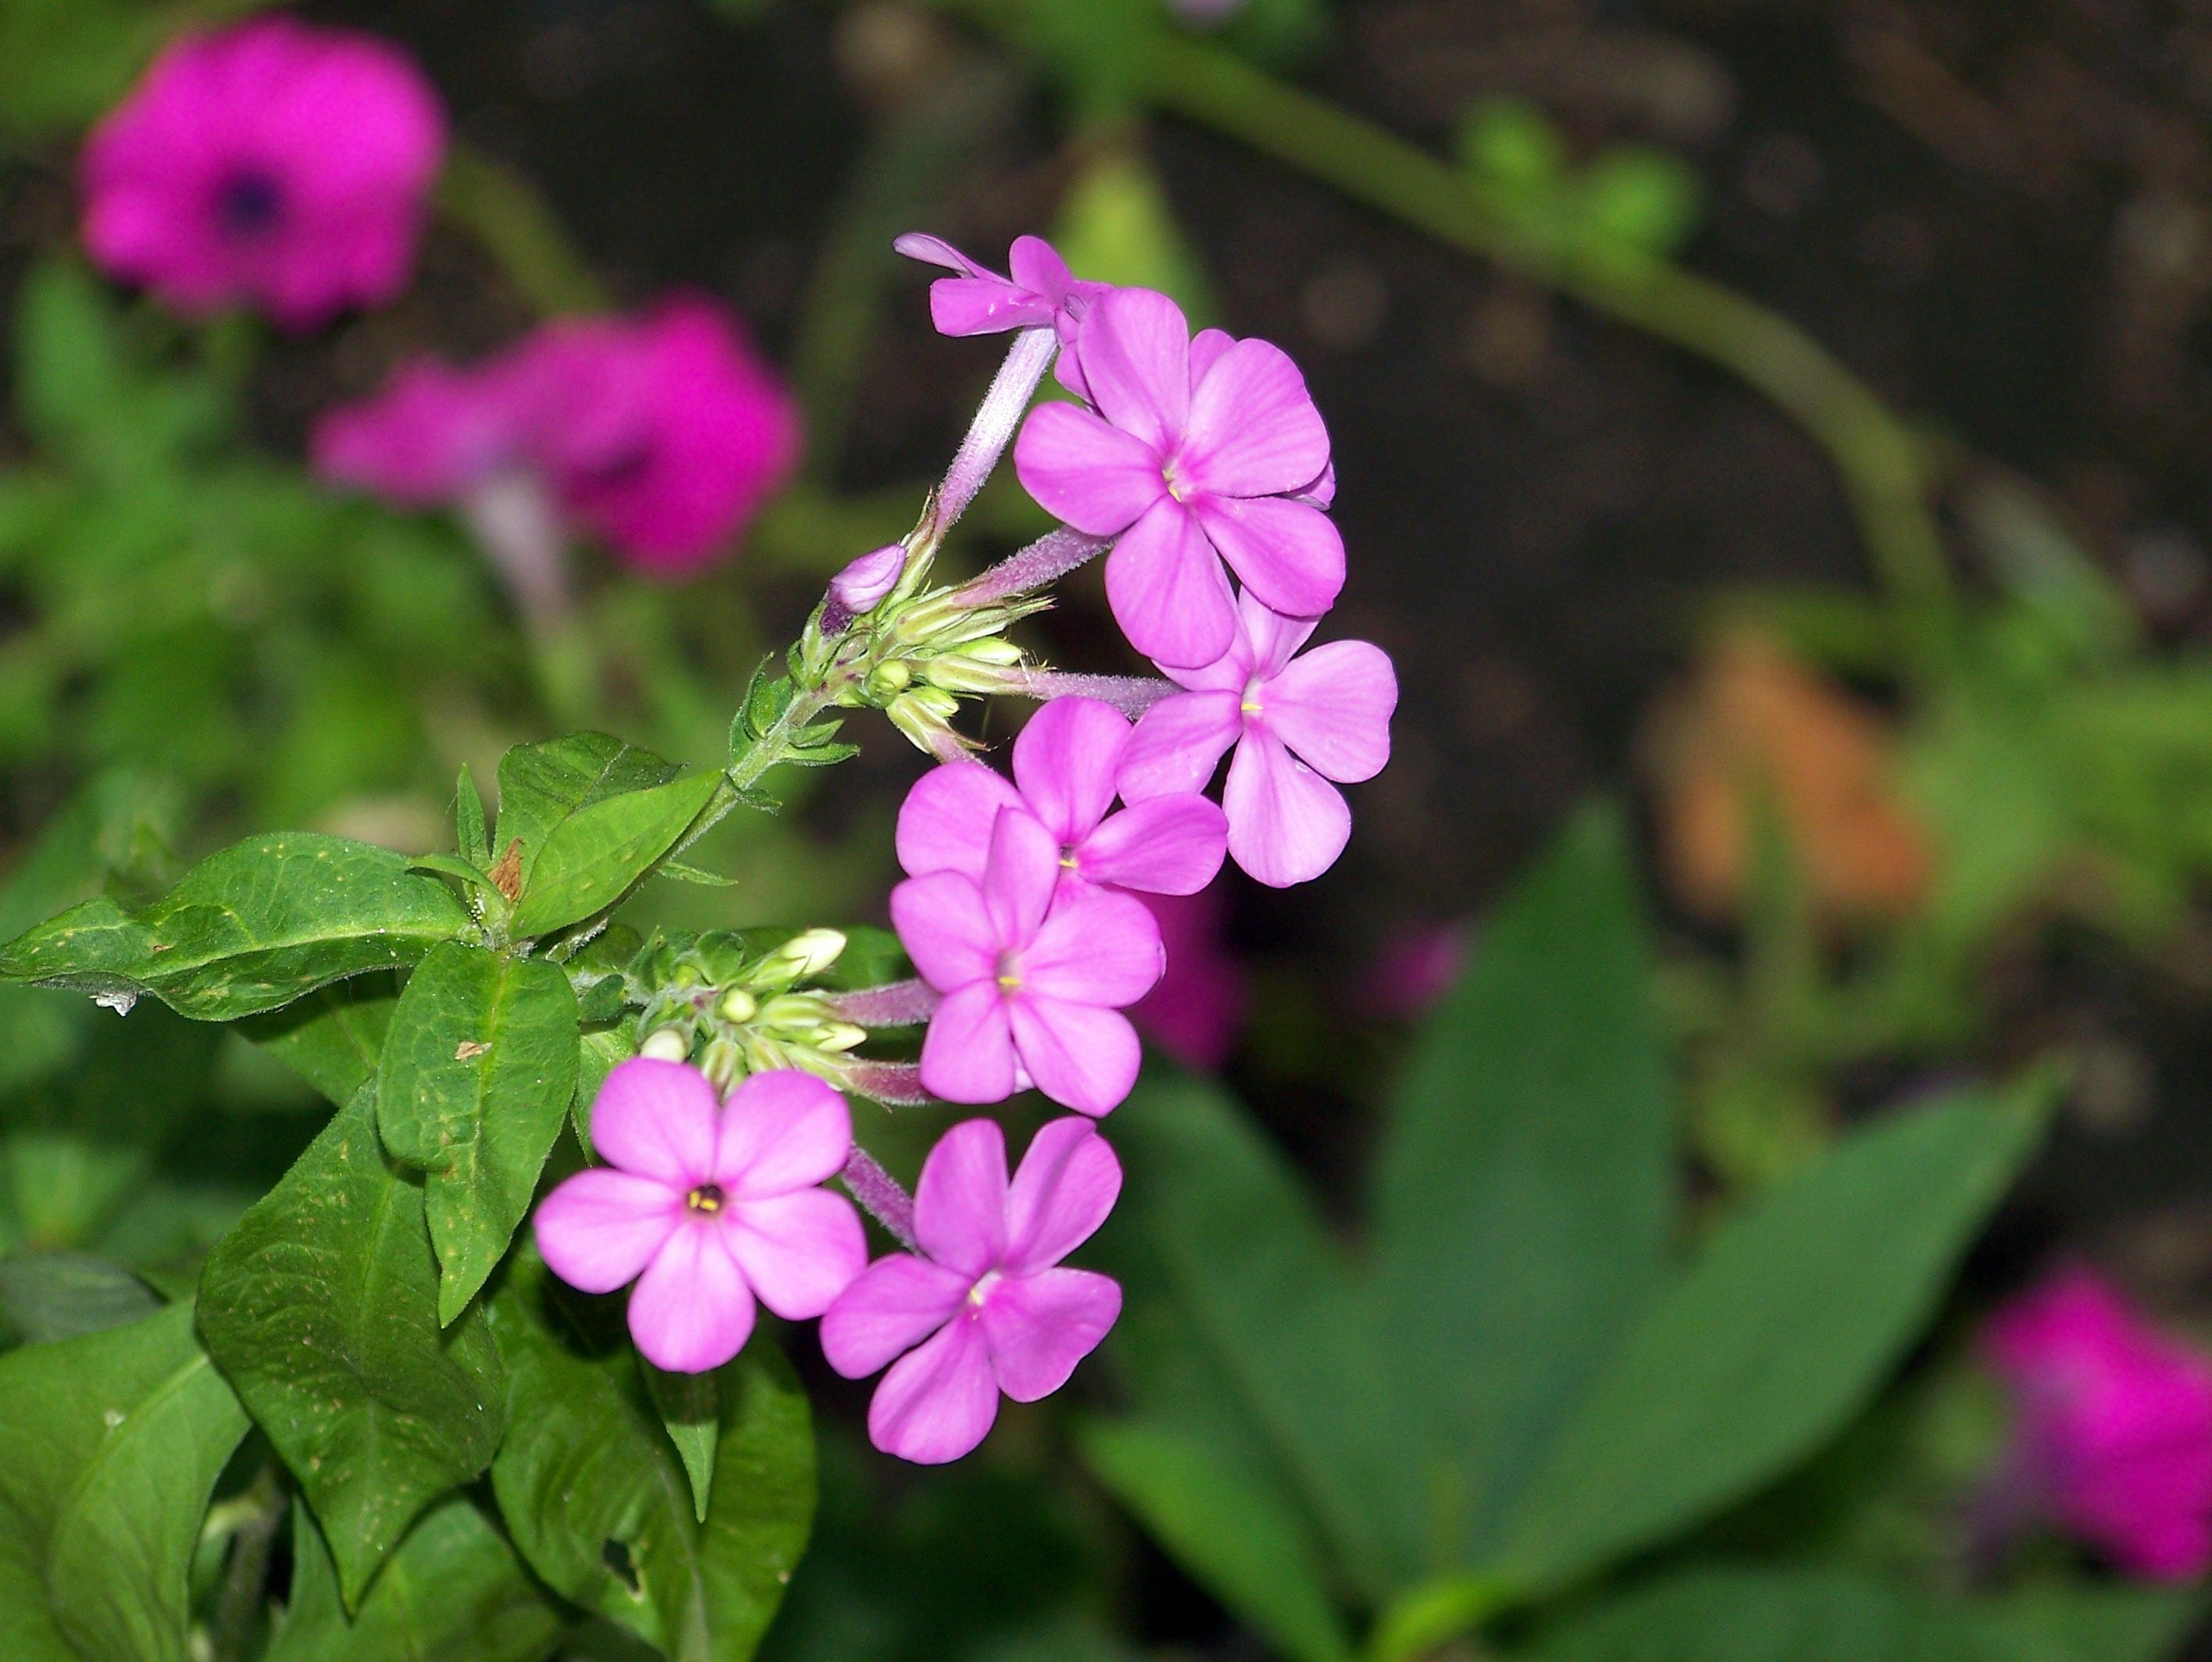 Images Gratuites Petale Botanique Jardin Rose Flore Fleur